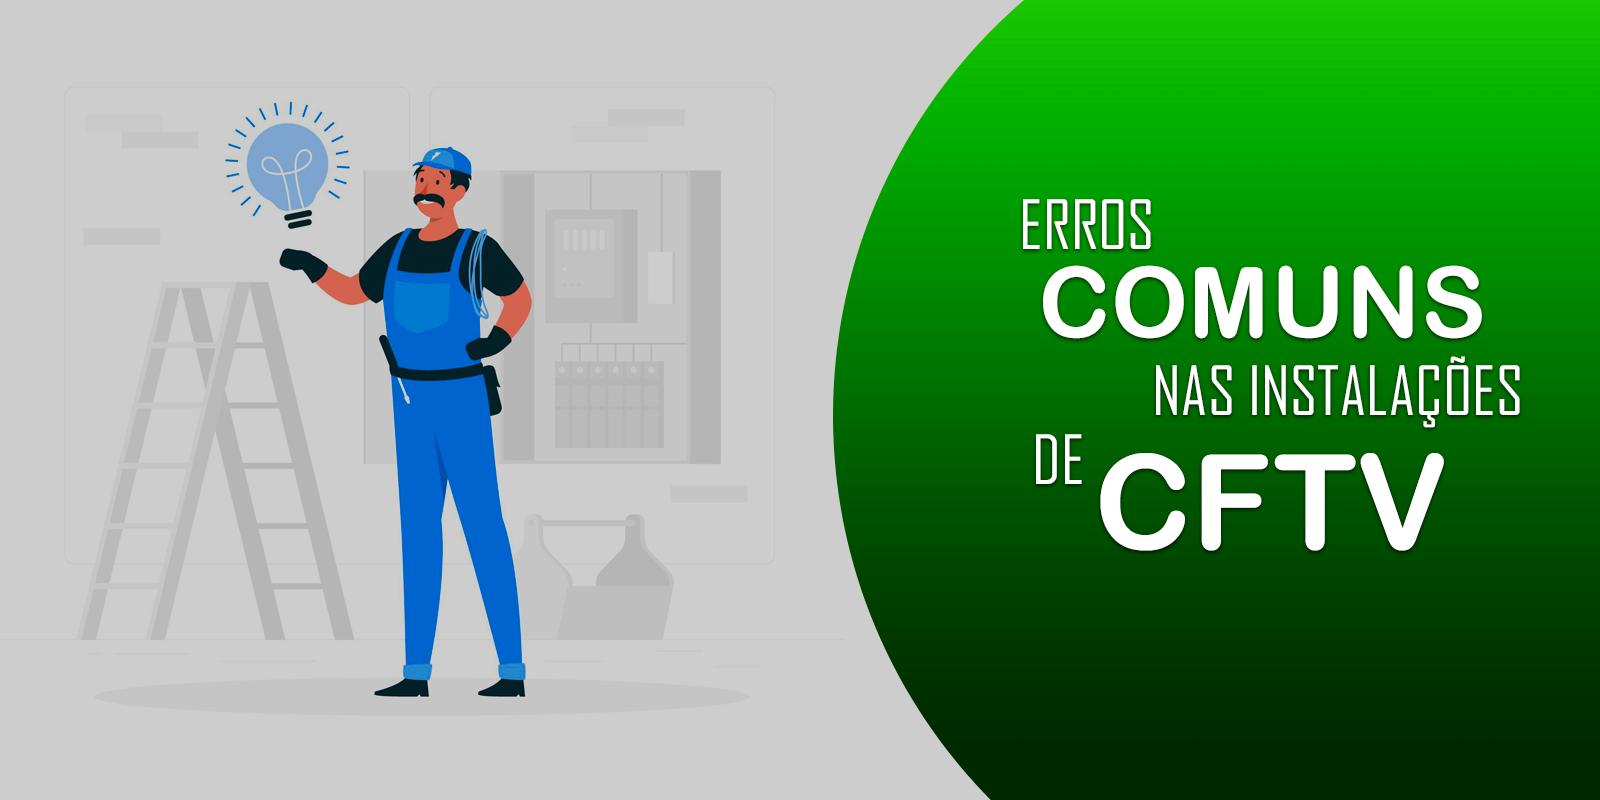 Conheça alguns dos erros cometidos por técnicos na instalação!